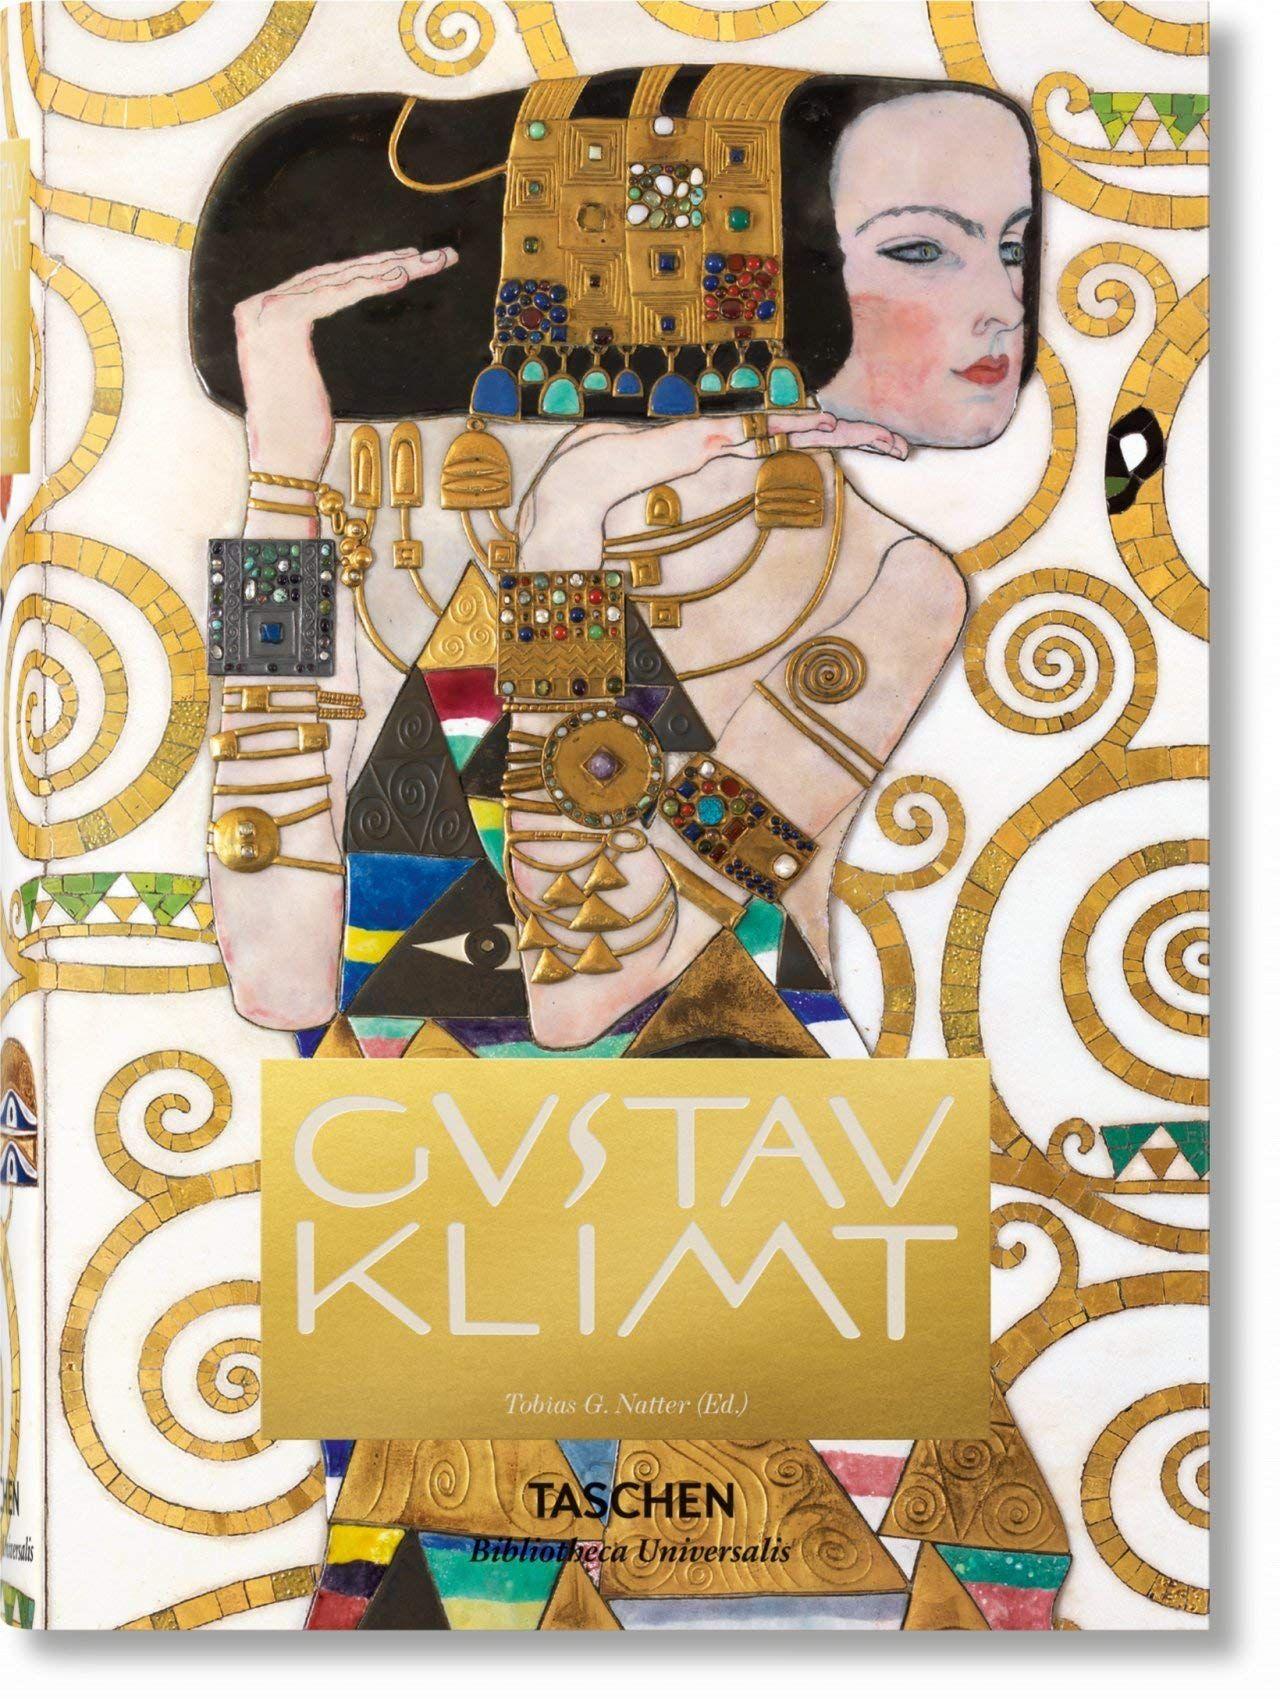 Gustav Klimt Drawings And Paintings Bibliotheca Universalis Ad Drawings Klimt Gustav Universalis Klimt Gustav Klimt Painted Books